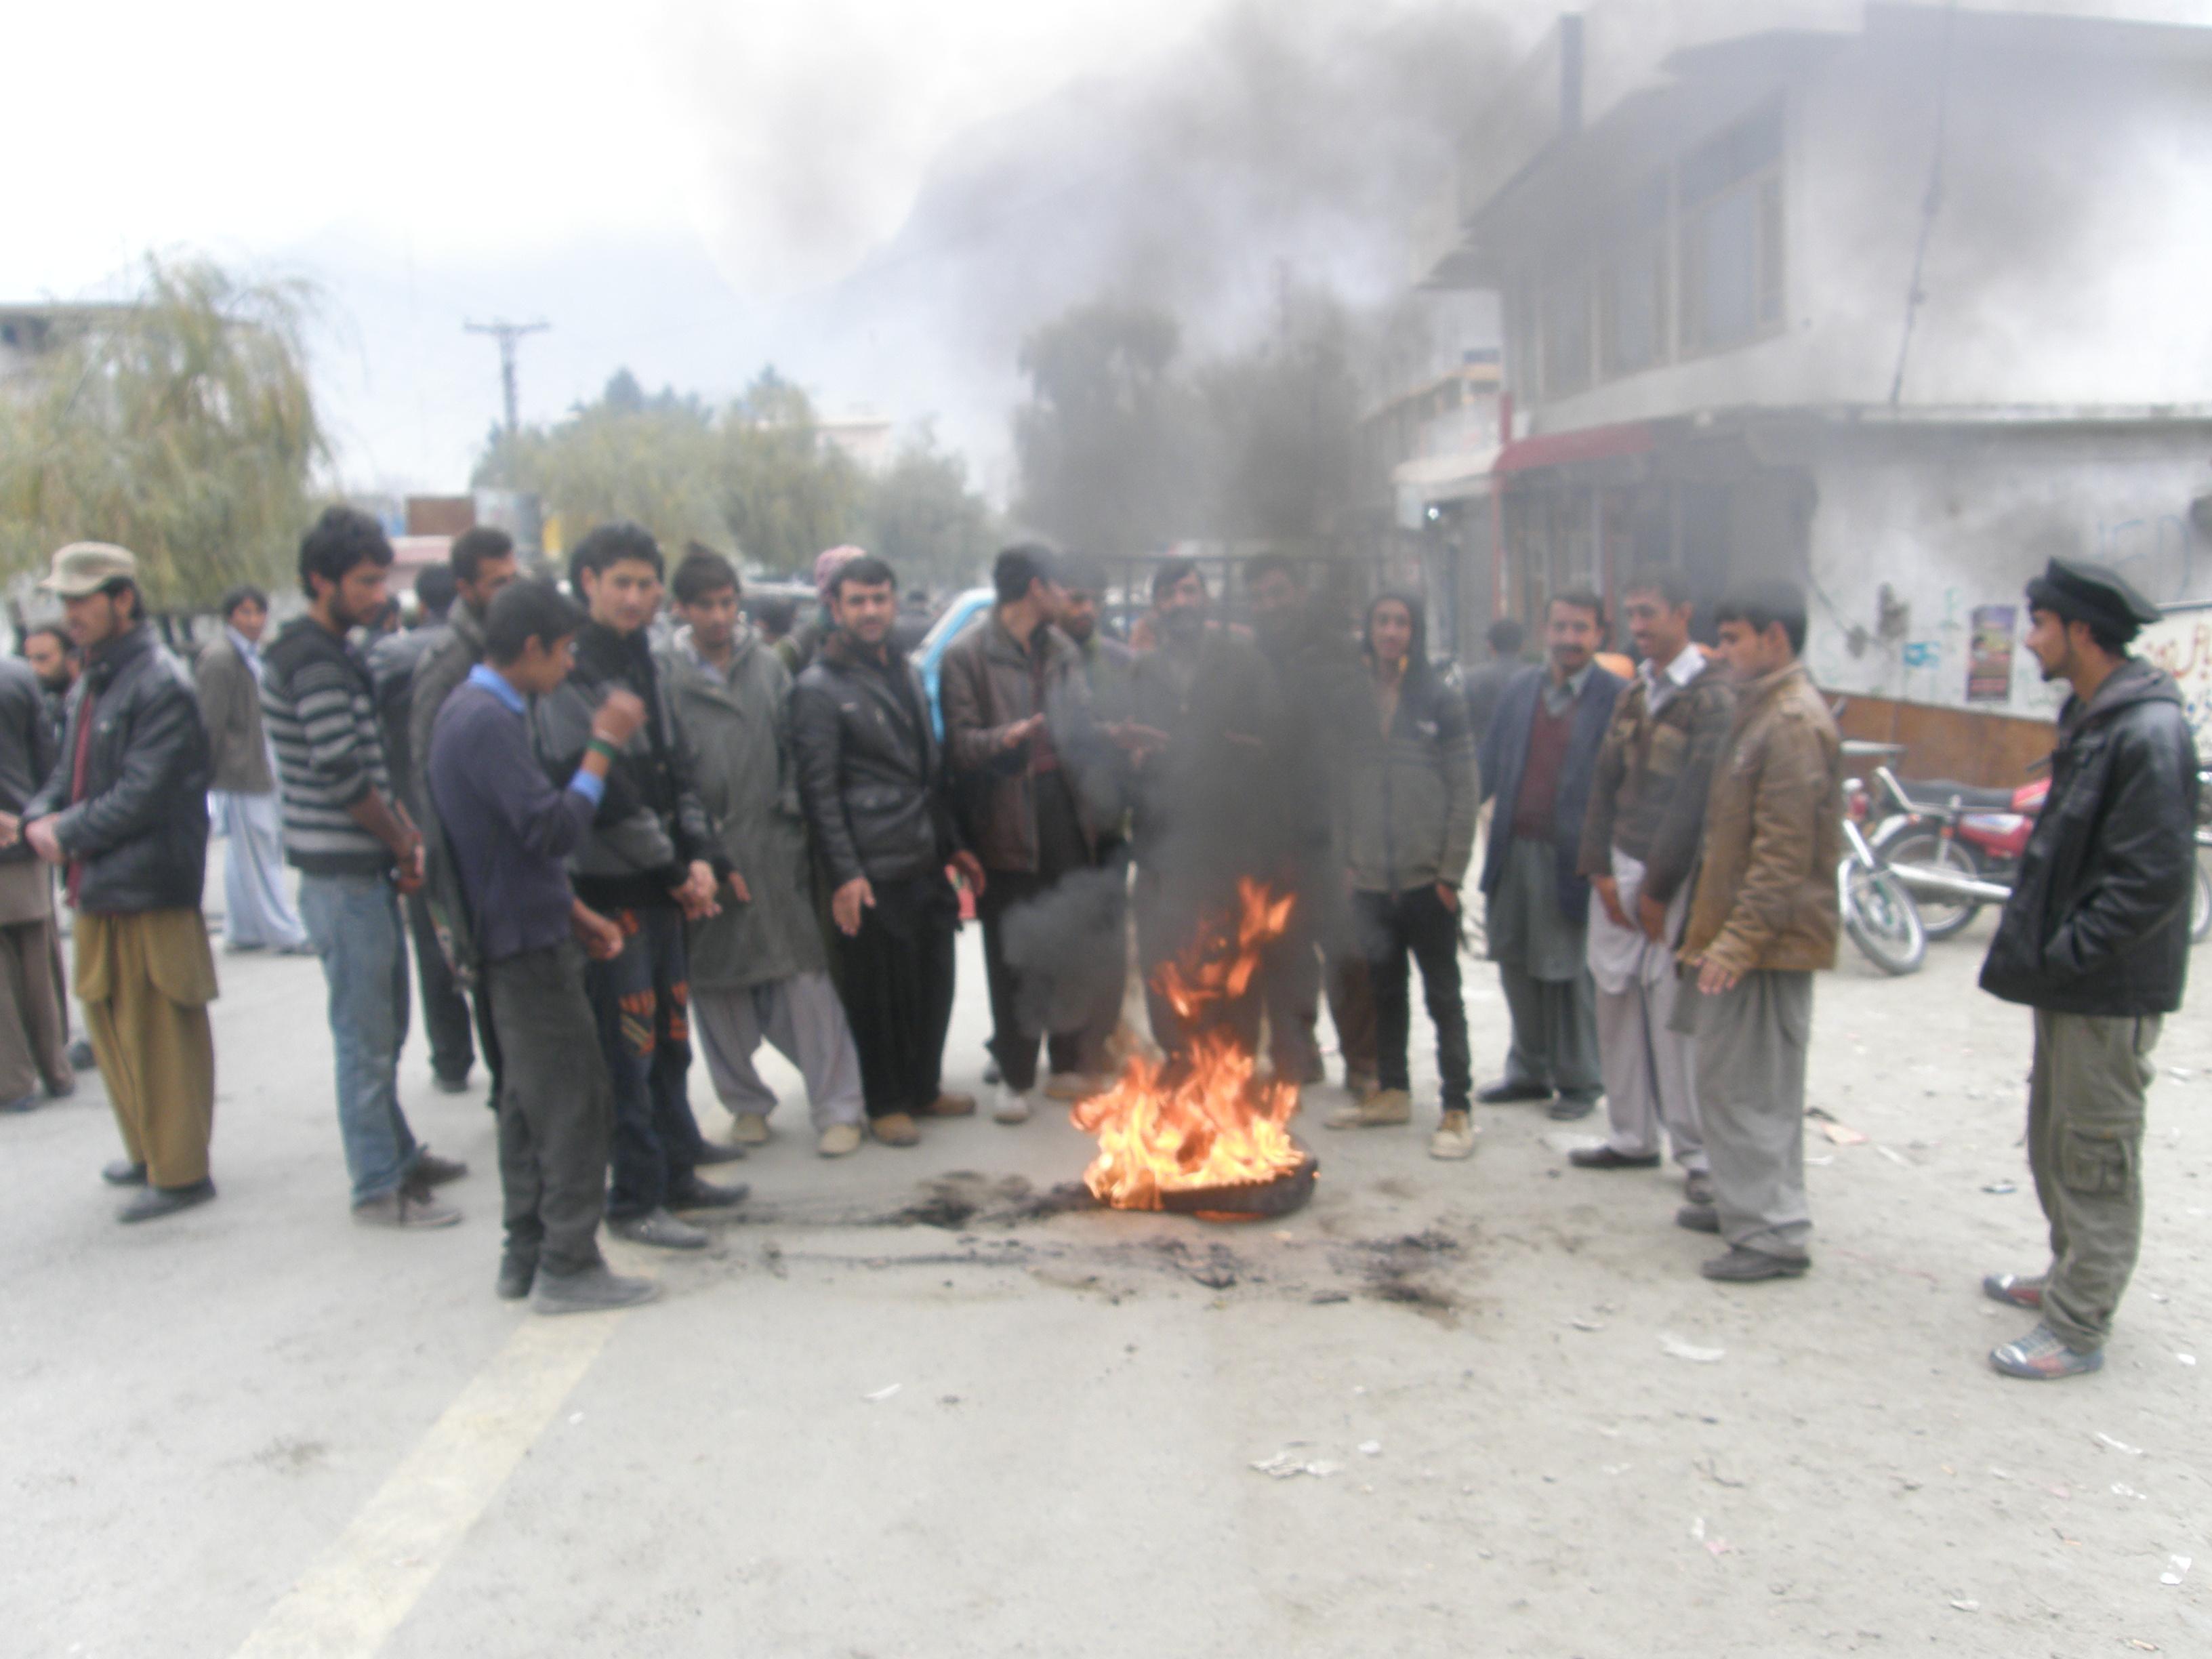 شیخ نواز عرفانی کے قتل کے خلاف گلگت میں احتجاجی مظاہرے